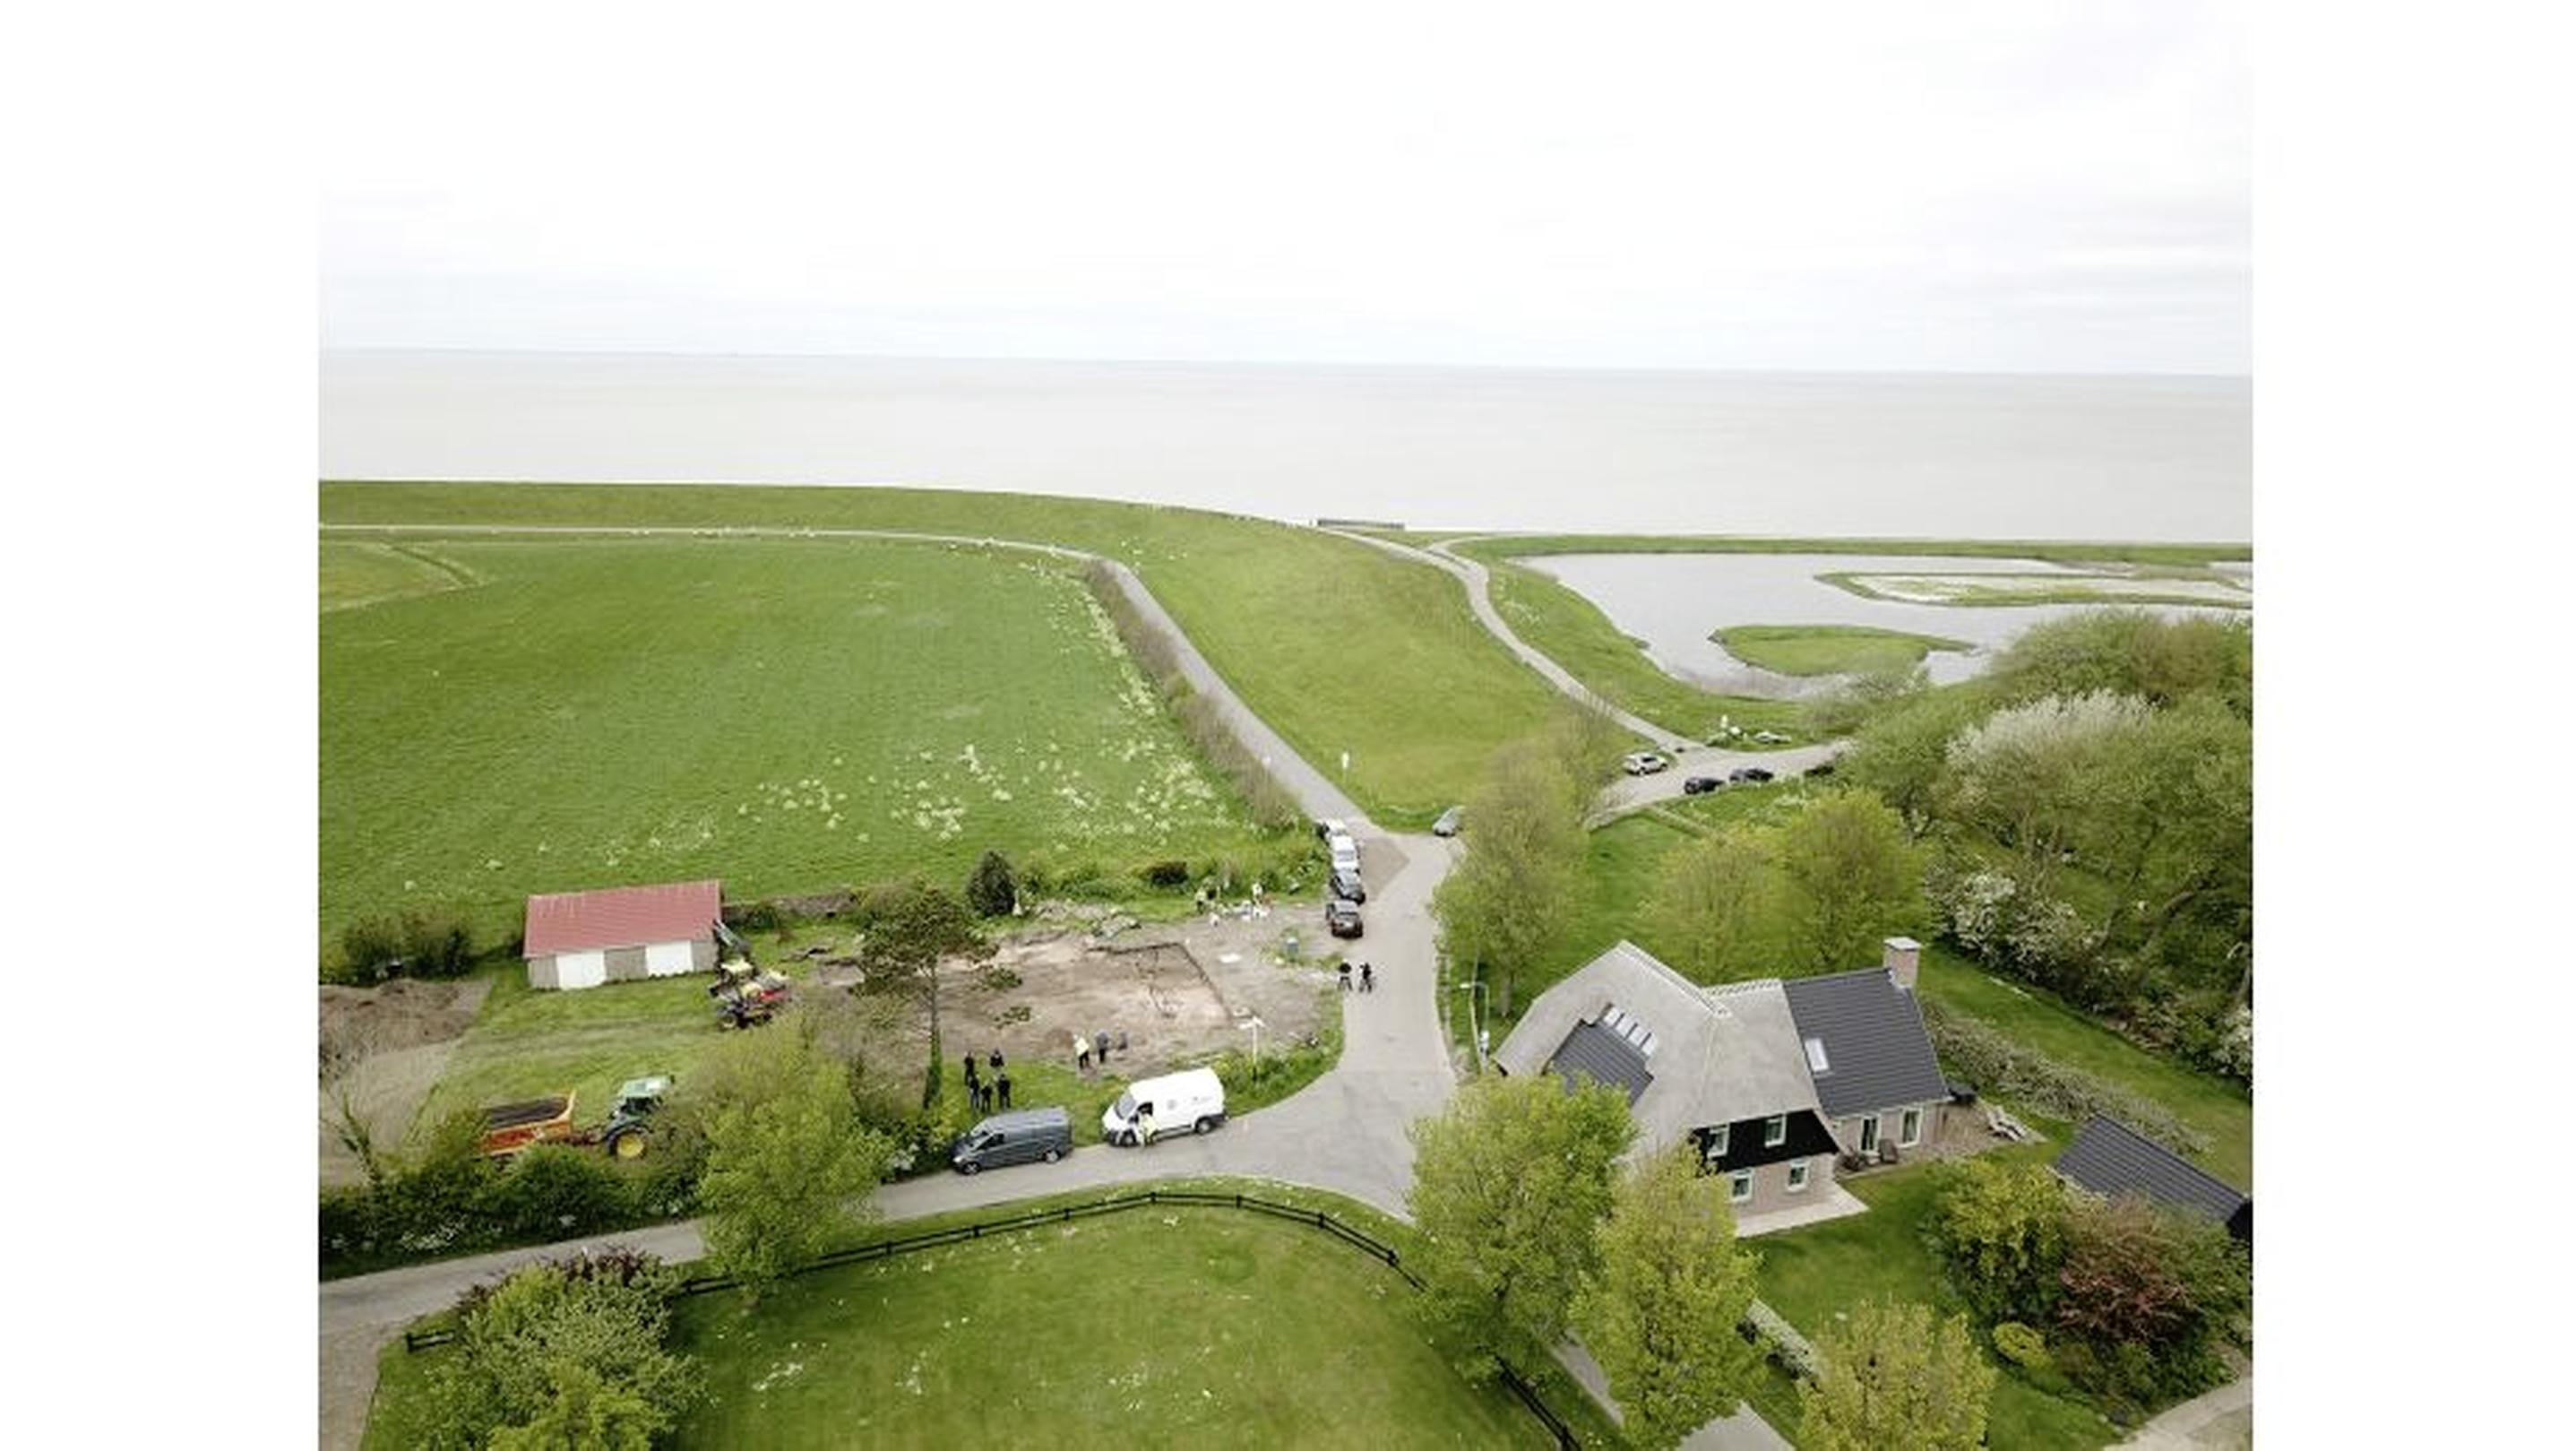 Kinderschedel gevonden op het hoogste punt van oostelijk Wieringen. Een mysterie. Werd het kind geofferd door heidense Friezen?